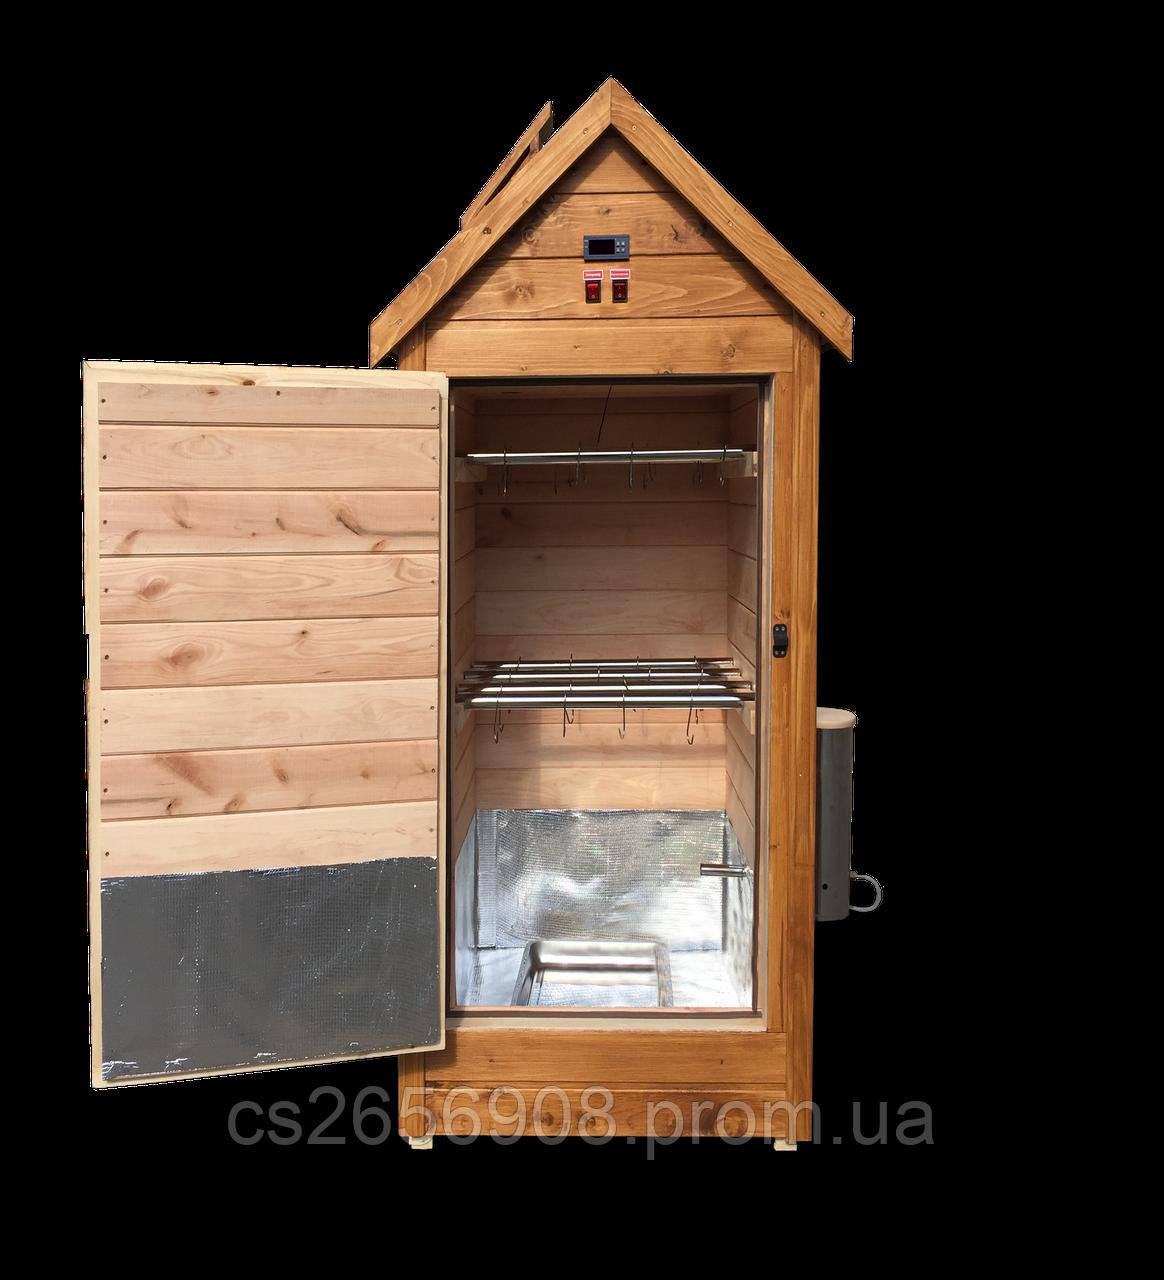 Коптильни для дома горячего и холодного копчения купить в какой самогонный аппарат лучше медь или нержавейка